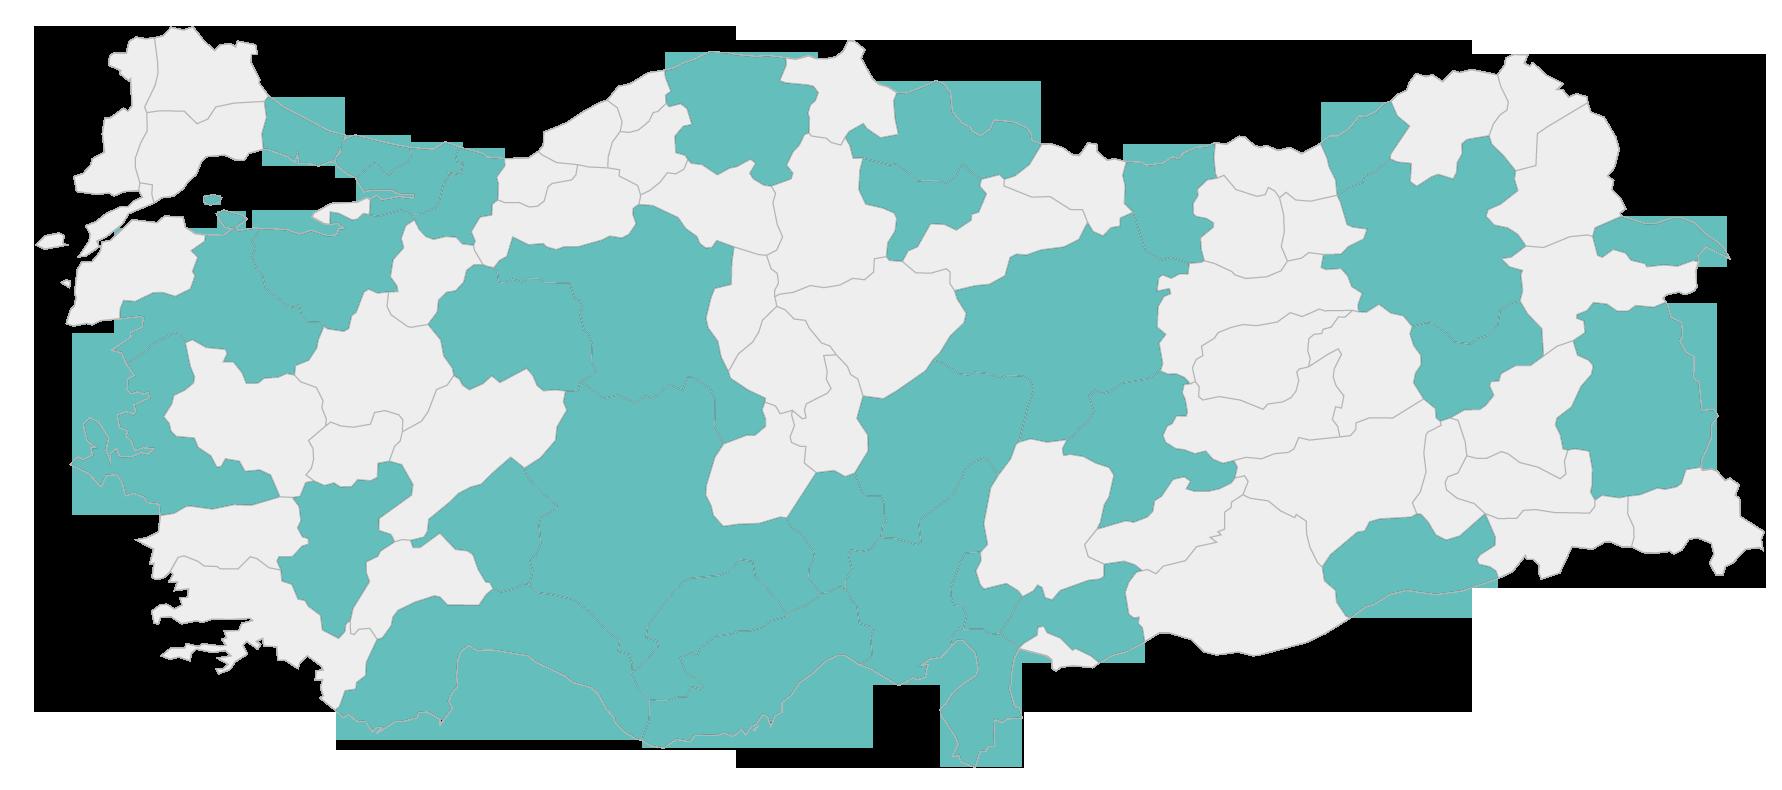 Türkiye haritası üzerinde Anlatan Eller Dijital Okulu'na üye olan kişilerin şehirleri koyu renkte belirtilmiştir.